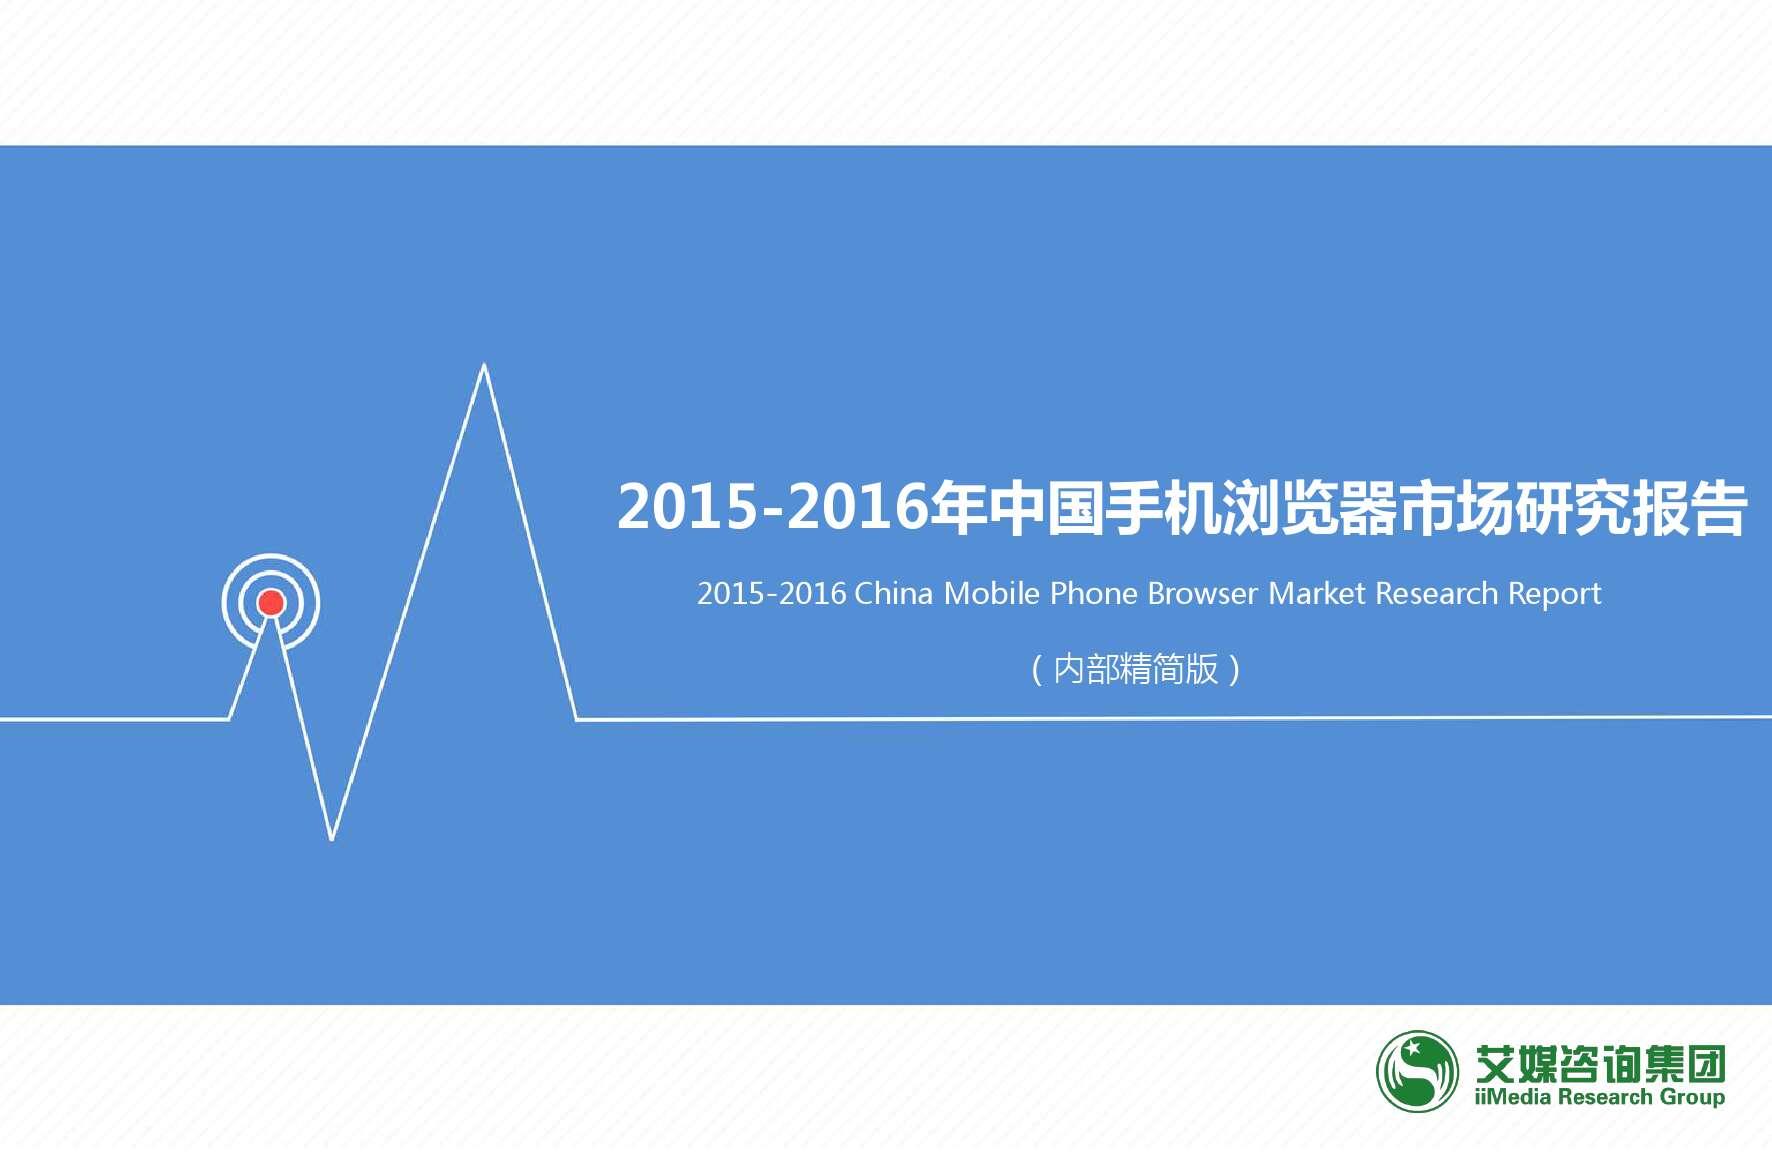 艾媒咨询:2015-2016年中国手机浏览器市场研究报告_000001